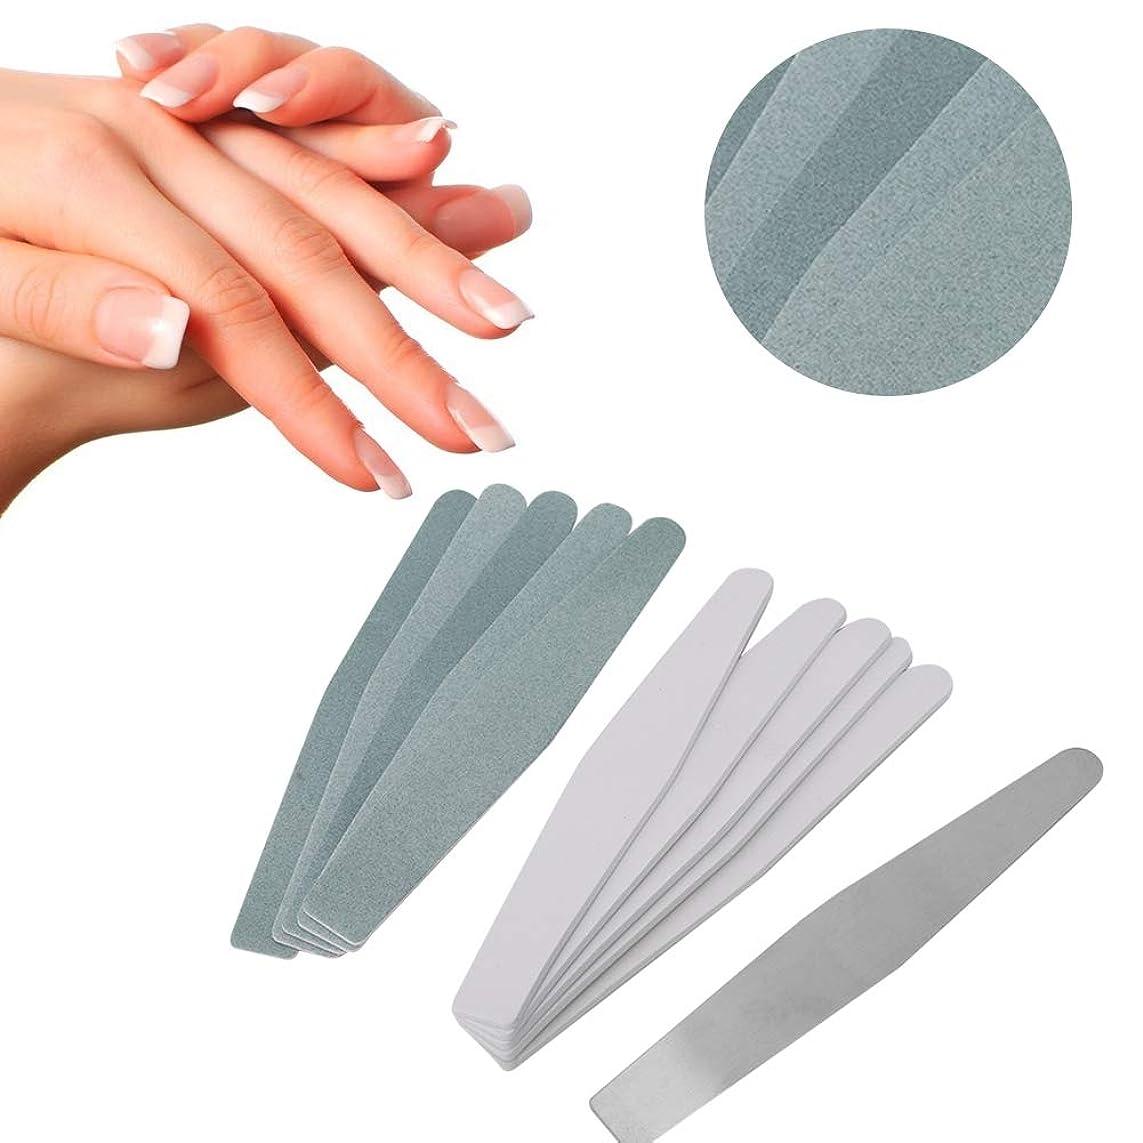 ネイルアート 緩衝ファイル 磨く釘の芸術のための取り替え可能なステンレス鋼の釘砂棒(01)